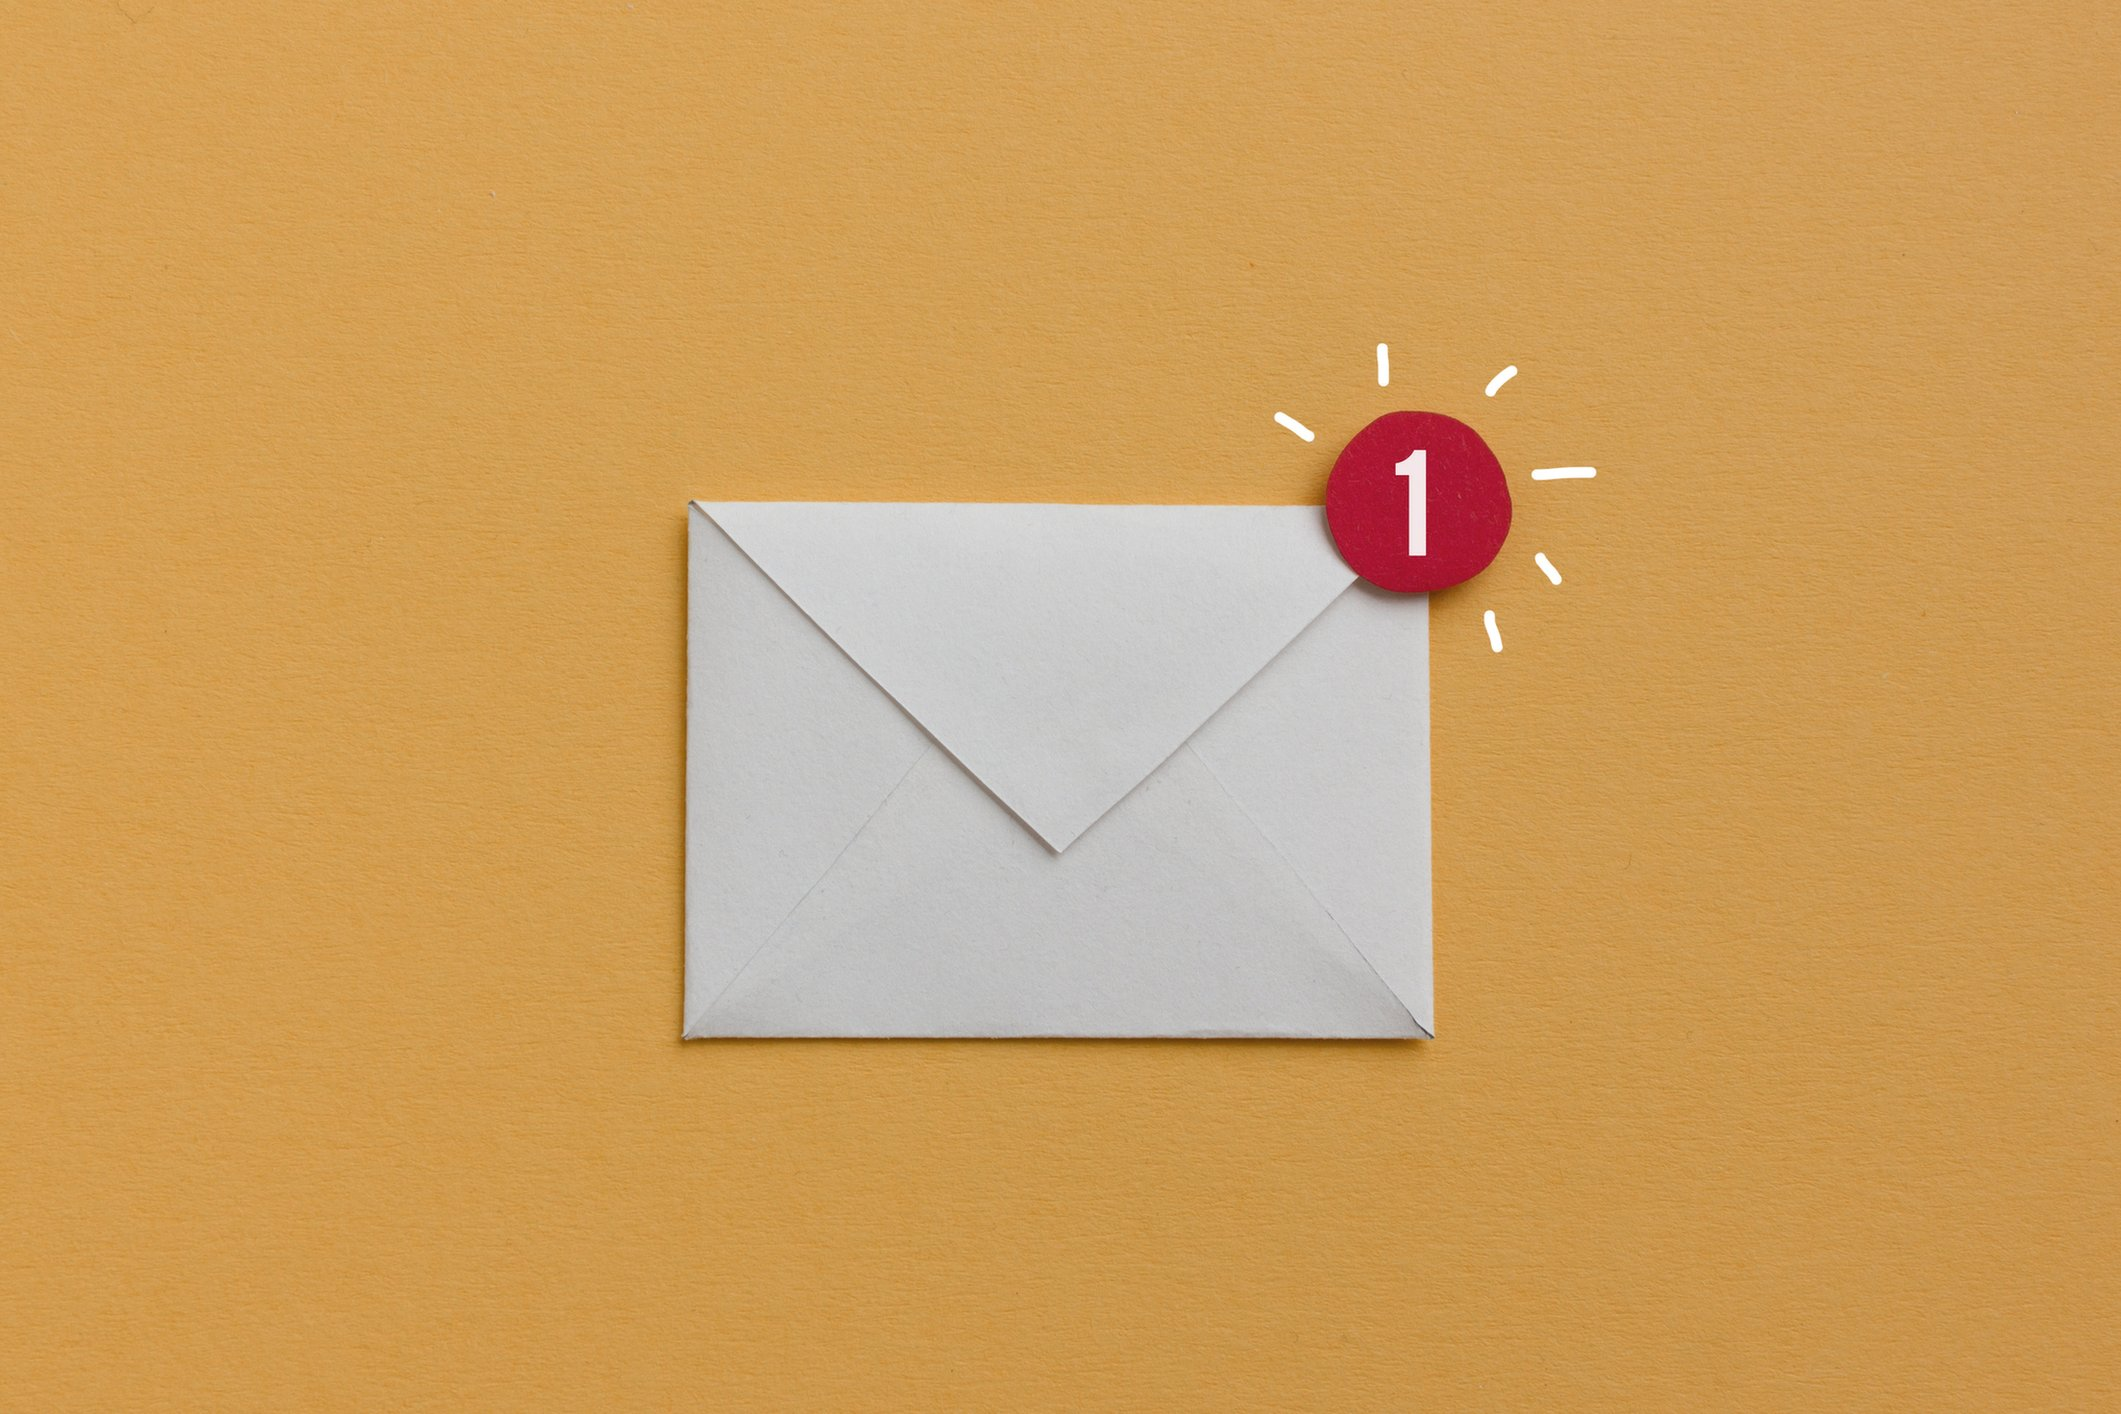 Estas son algunas alternativas posibles a los correos electrónicos más conocidos. (GETTY IMAGES)